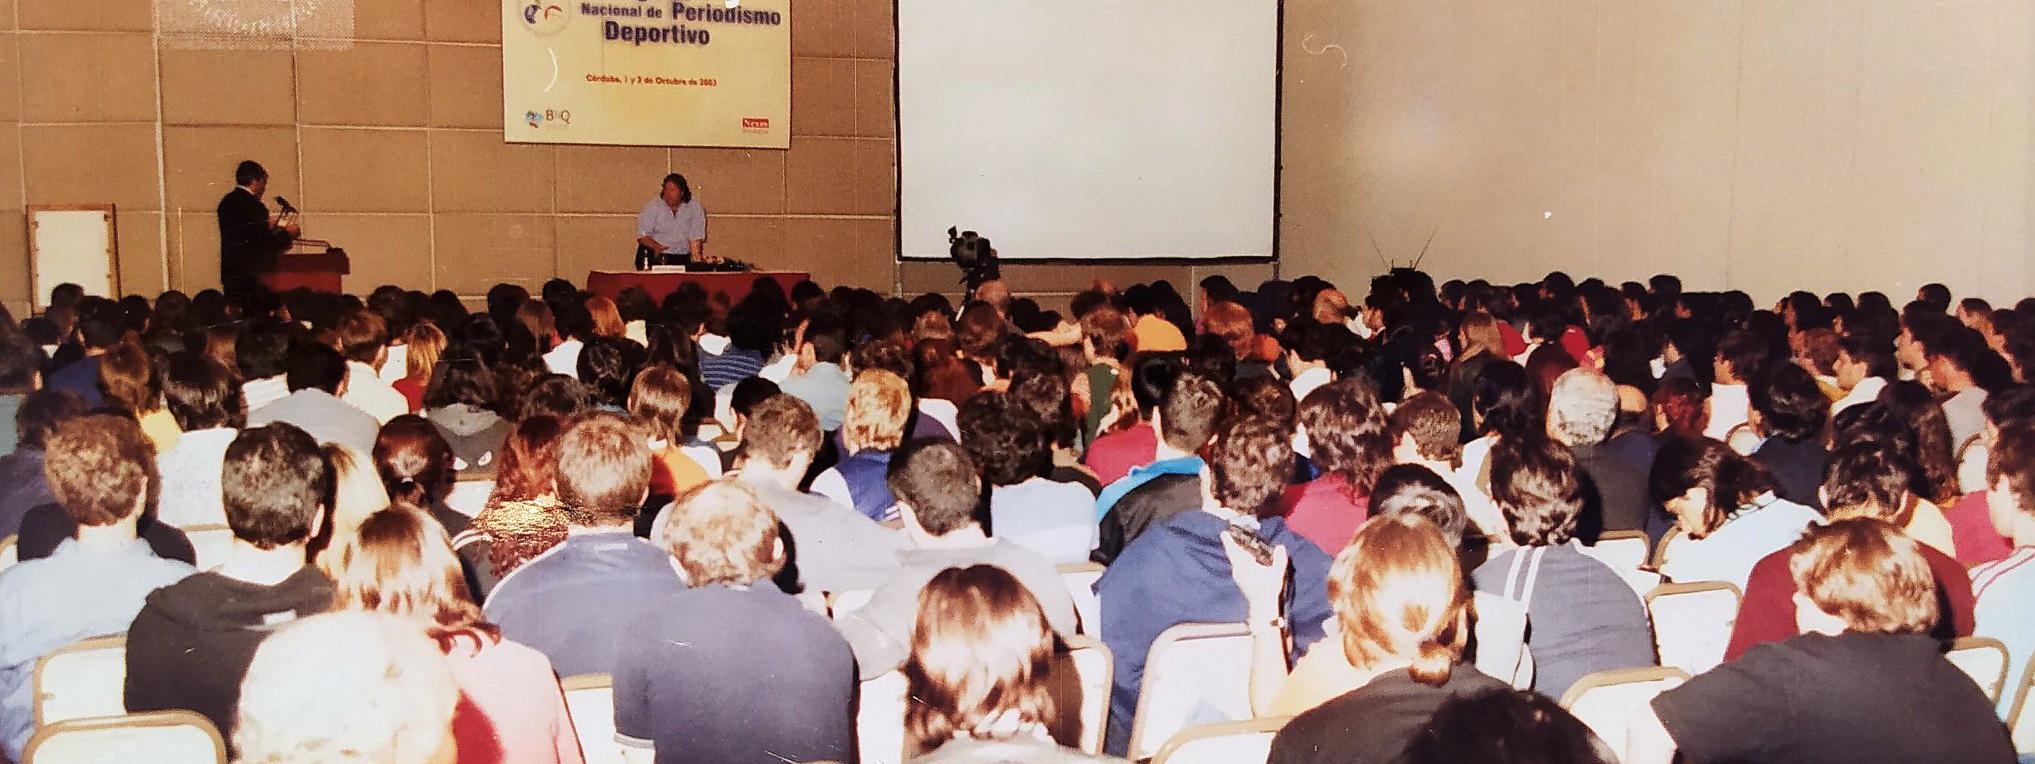 A 17 años del Primer Congreso Nacional de Periodismo Deportivo, con los principales referentes nacionales